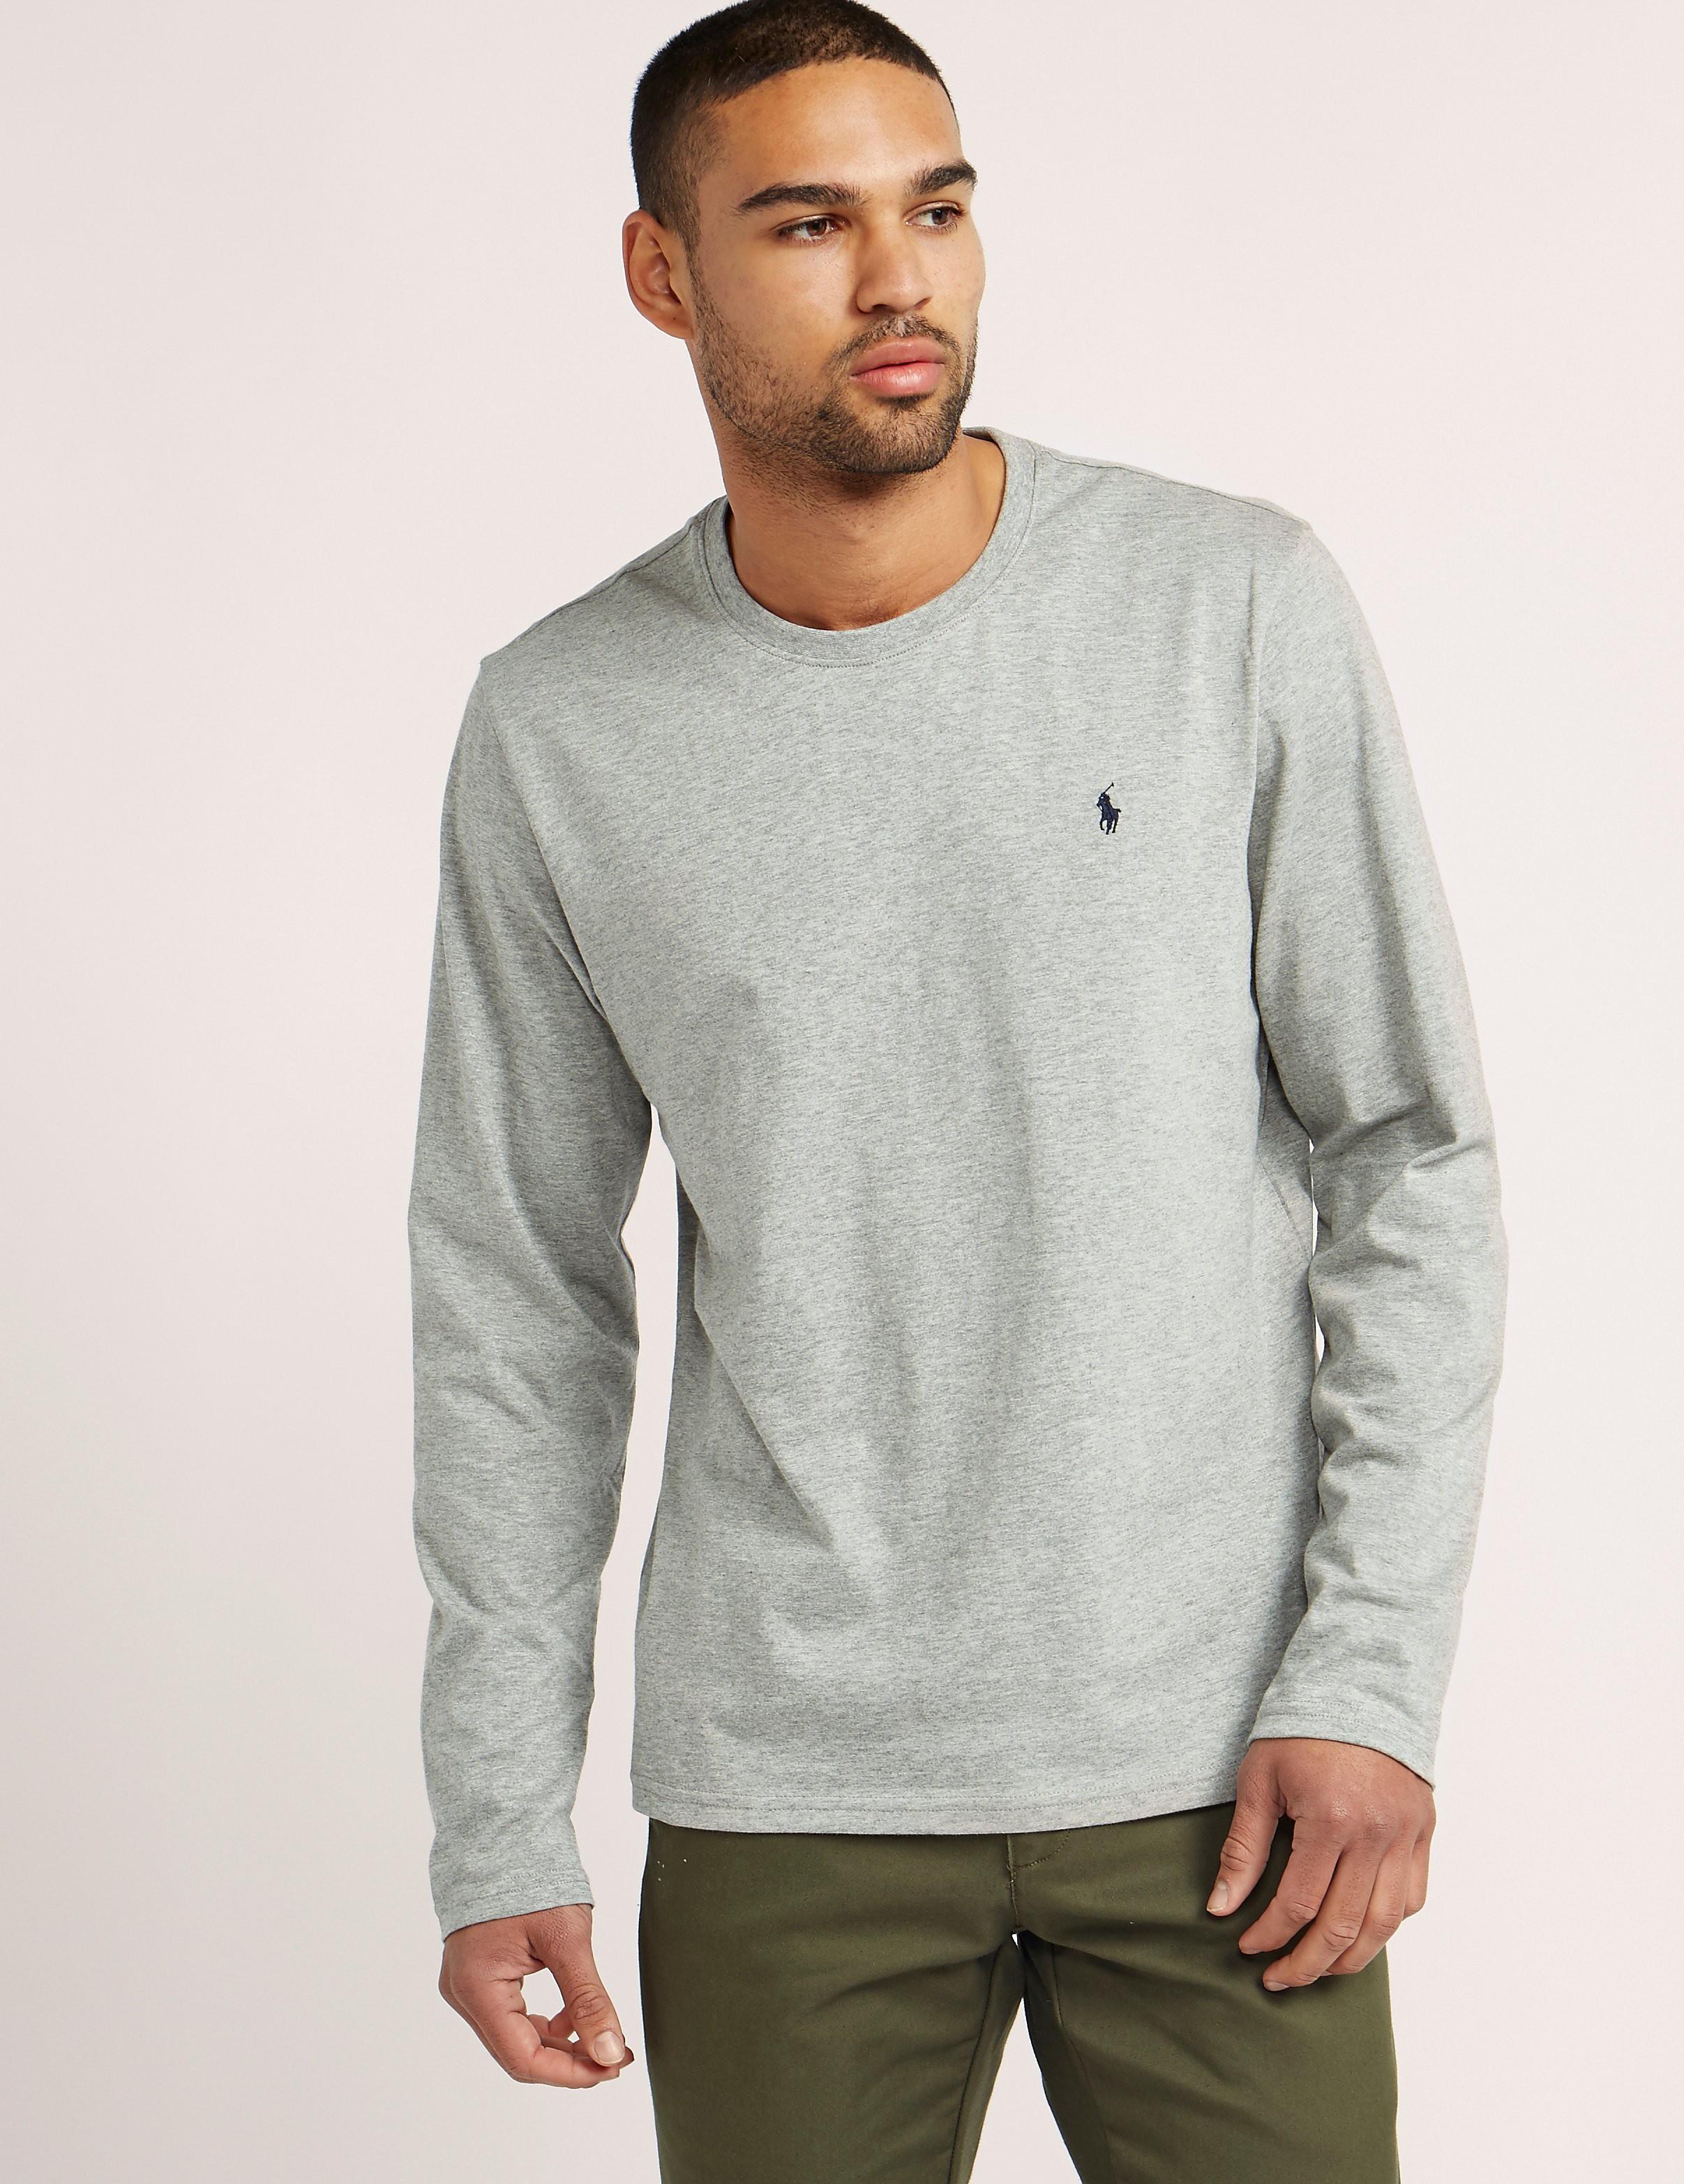 Polo Ralph Lauren Long Sleeve Crew Neck T-Shirt